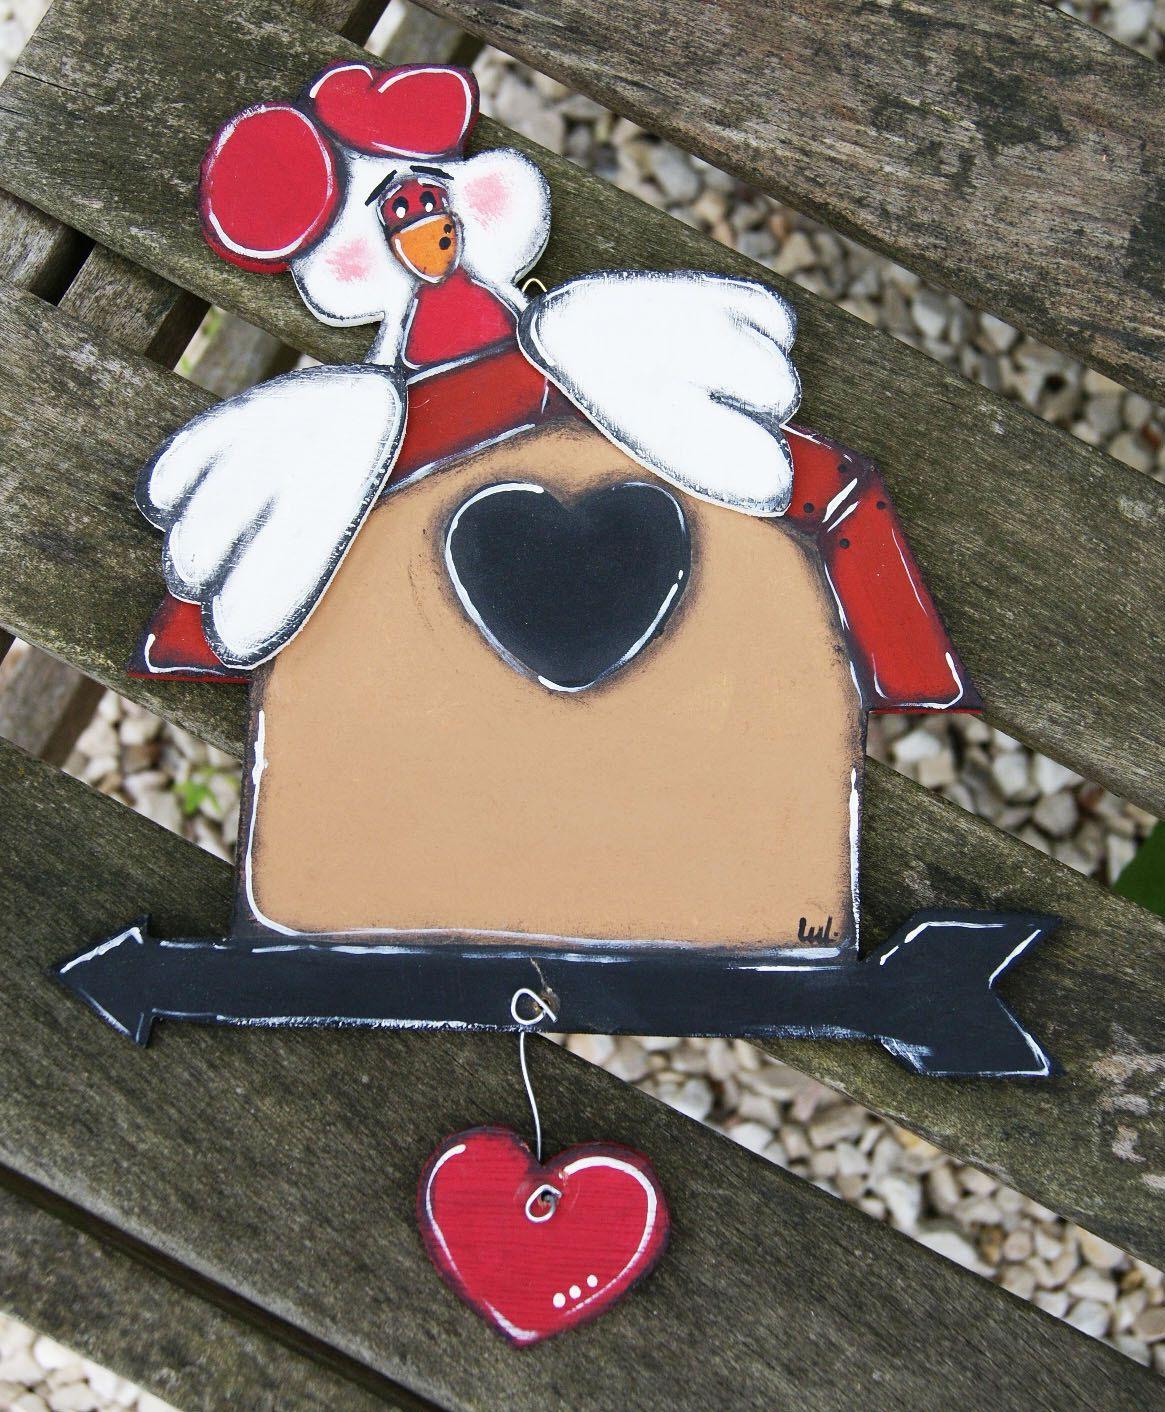 White hen on its wooden breeding ground paints - wooden painted hen de la boutique LULdesign sur Etsy